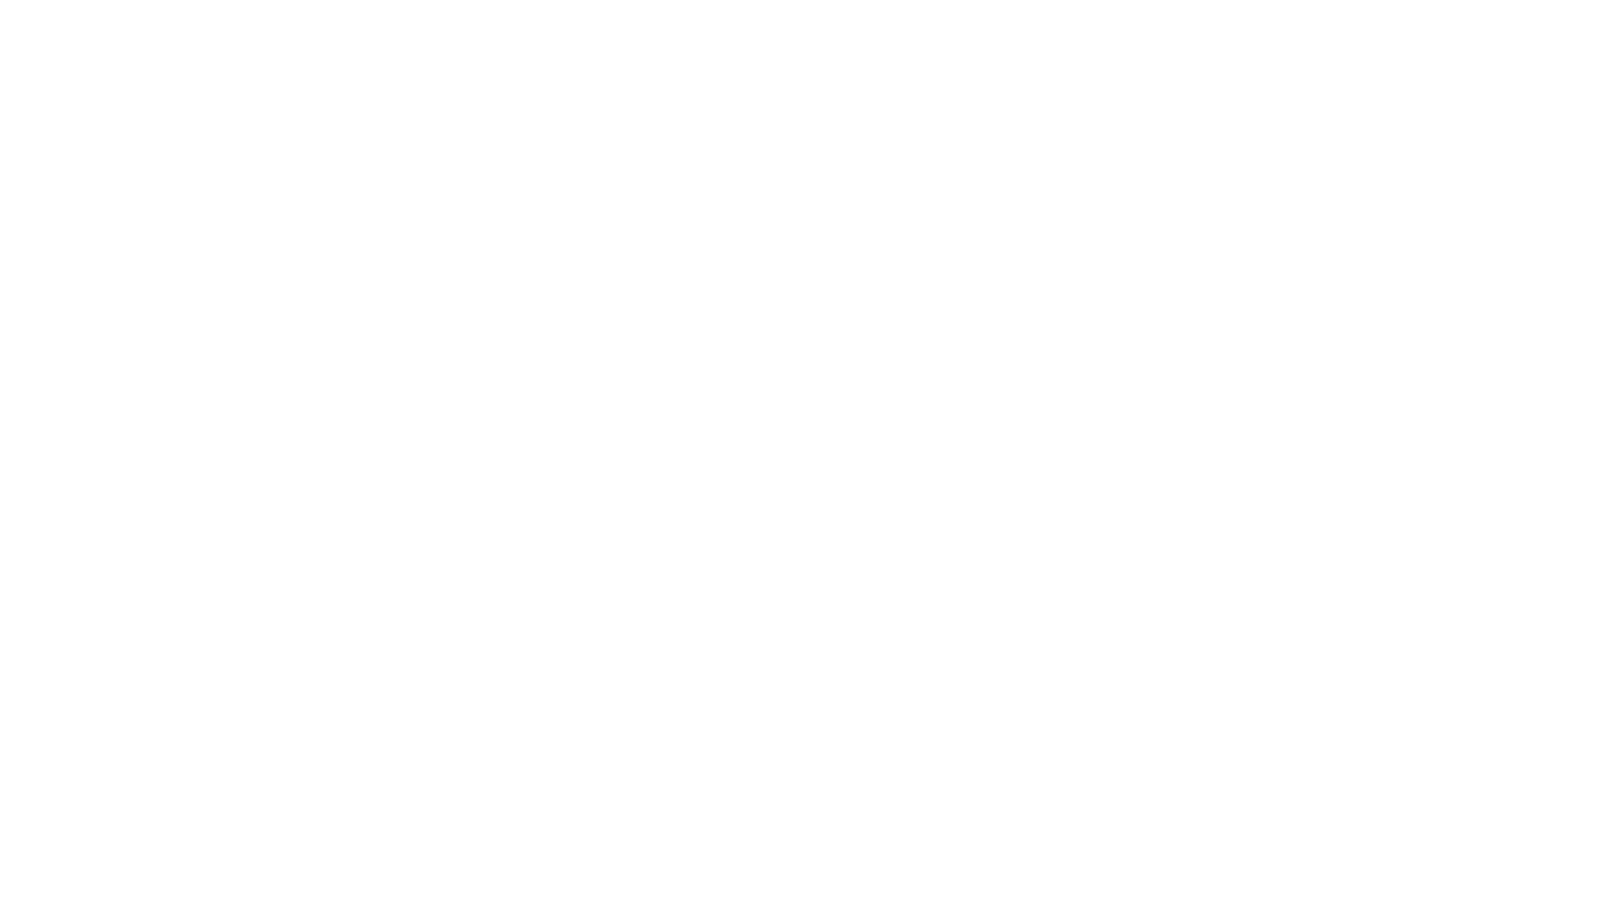 La GoPro Hero 10 è uscita a Settembre 2021. Dopo un Unboxing andremo a vedere come si usa la nuovissima Hero 10. Dopo averla caricata ed aver inserito la Micro SD sarà obbligatorio aggiornarla tramite l'applicazione Quik. Andremo a vedere quindi la schermata principale, come cambiare modalità, come scattare una foto e come registrare un video.GoPro Hero 10 in Bundle sul sito GoPro: https://prf.hn/l/7D105OZ GoPro Hero 10 su Amazon: https://amzn.to/2XT4II3MicroSD Consigliate per le GoPro (le Extreme Pro sono più veloci ma anche le Extreme normali vanno bene): Sandisk Extreme 32gb: https://amzn.to/2GD50tz Sandisk Extreme 64gb: https://amzn.to/30vmFdt Sandisk Extreme 128gb: https://amzn.to/33x6oqu Sandisk Extreme Pro 32gb: https://amzn.to/34rYtdg Sandisk Extreme Pro 64gb: https://amzn.to/30BY2fw Sandisk Extreme Pro 128gb: https://amzn.to/3jwJPYDLink GoPro App Quik(Android): https://play.google.com/store/apps/details?id=com.gopro.smarty&hl=it Link GoPro AppQuik (iOS): https://apps.apple.com/it/app/gopro/id561350520Playlist tutorial e consigli sulle GoPro: https://youtube.com/playlist?list=PLJLe4SqmFMur5JtuaMDDtdXSwxmSS4tUVMaggiori info nell'articolo: https://www.asvideofficial.com/come-usare-gopro-hero-10.htmlCapitoli: 0:00 Come Usare la GoPro Hero10 0:14 Unboxing 1:15 Batteria e Micro SD 1:43 Configurazione 2:14 Smartphone e GoPro Quik 3:35 Guida di Base 6:36 ConclusioniIscriviti al Canale: https://bit.ly/ASVideoSub Seguimi sulla mia pagina Instagram dedicata ai viaggi: https://www.instagram.com/hiker.soul/ Seguimi sul nuovo account ASVideo su Instagram: https://www.instagram.com/asvideofficial/Website: https://www.asvideofficial.com Facebook: https://www.facebook.com/ASVideOfficial/ Vienici a trovare sul gruppo dedicato alla GoPro Hero 10 e Hero 9: https://www.facebook.com/groups/goprohero9it ------------------- La Mia Attrezzatura-GoPro Hero 10 https://prf.hn/l/KjYJxpO -Tamron 17-70mm F2.8 https://amzn.to/2QHAgwh -GoPro Hero 9 https://amzn.to/31pmO2i (videorecensione: